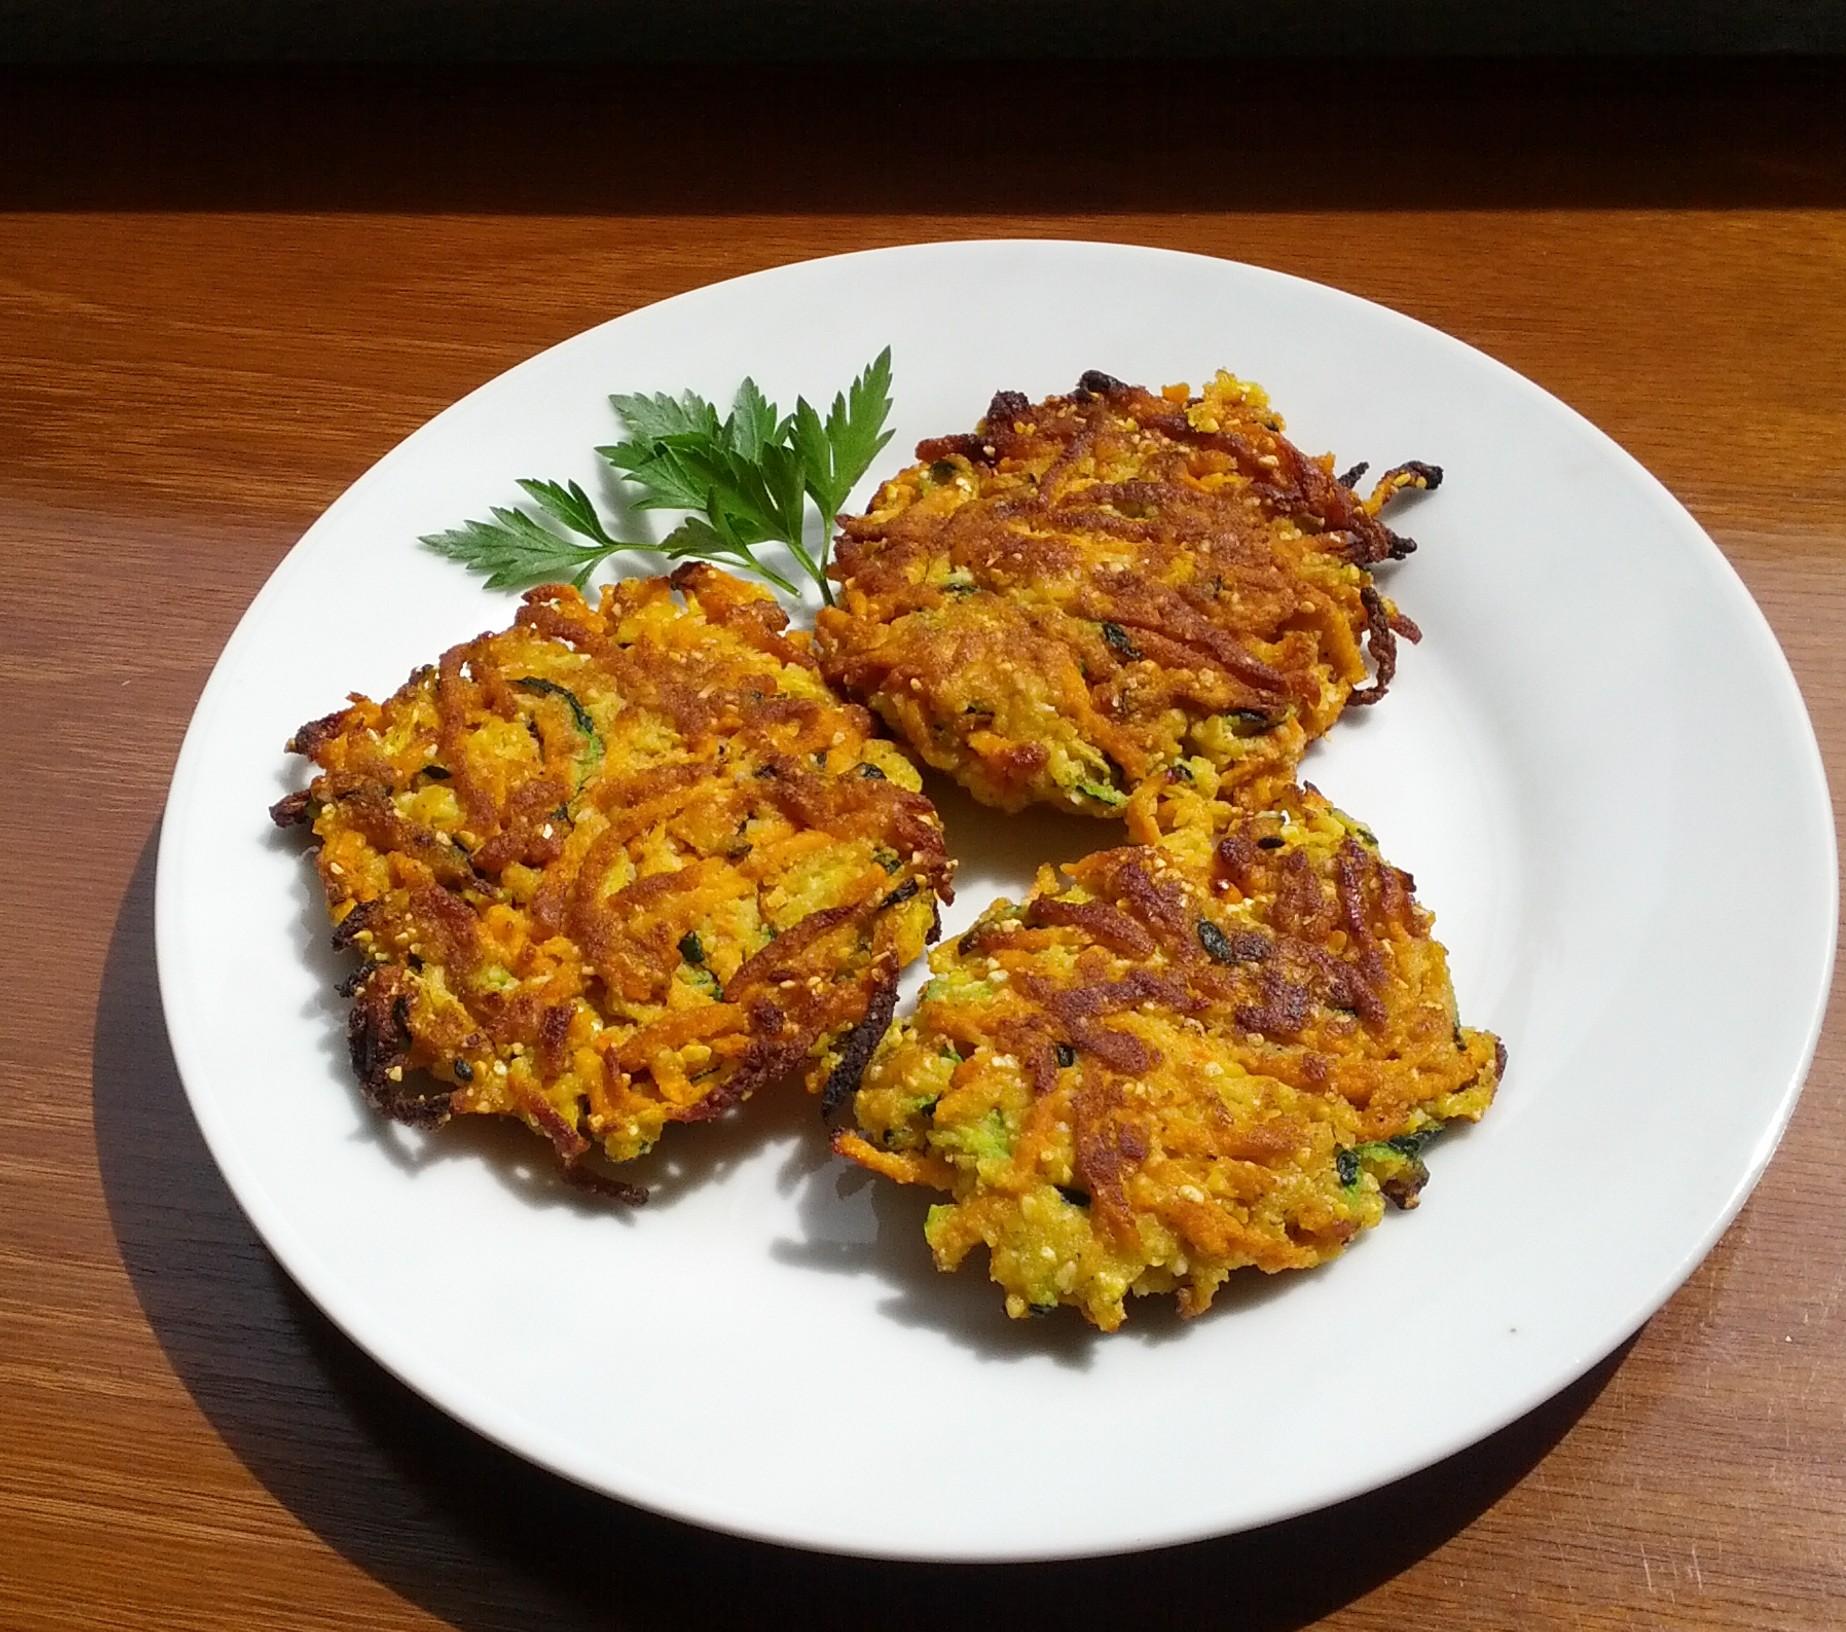 zucchini and potato recipes